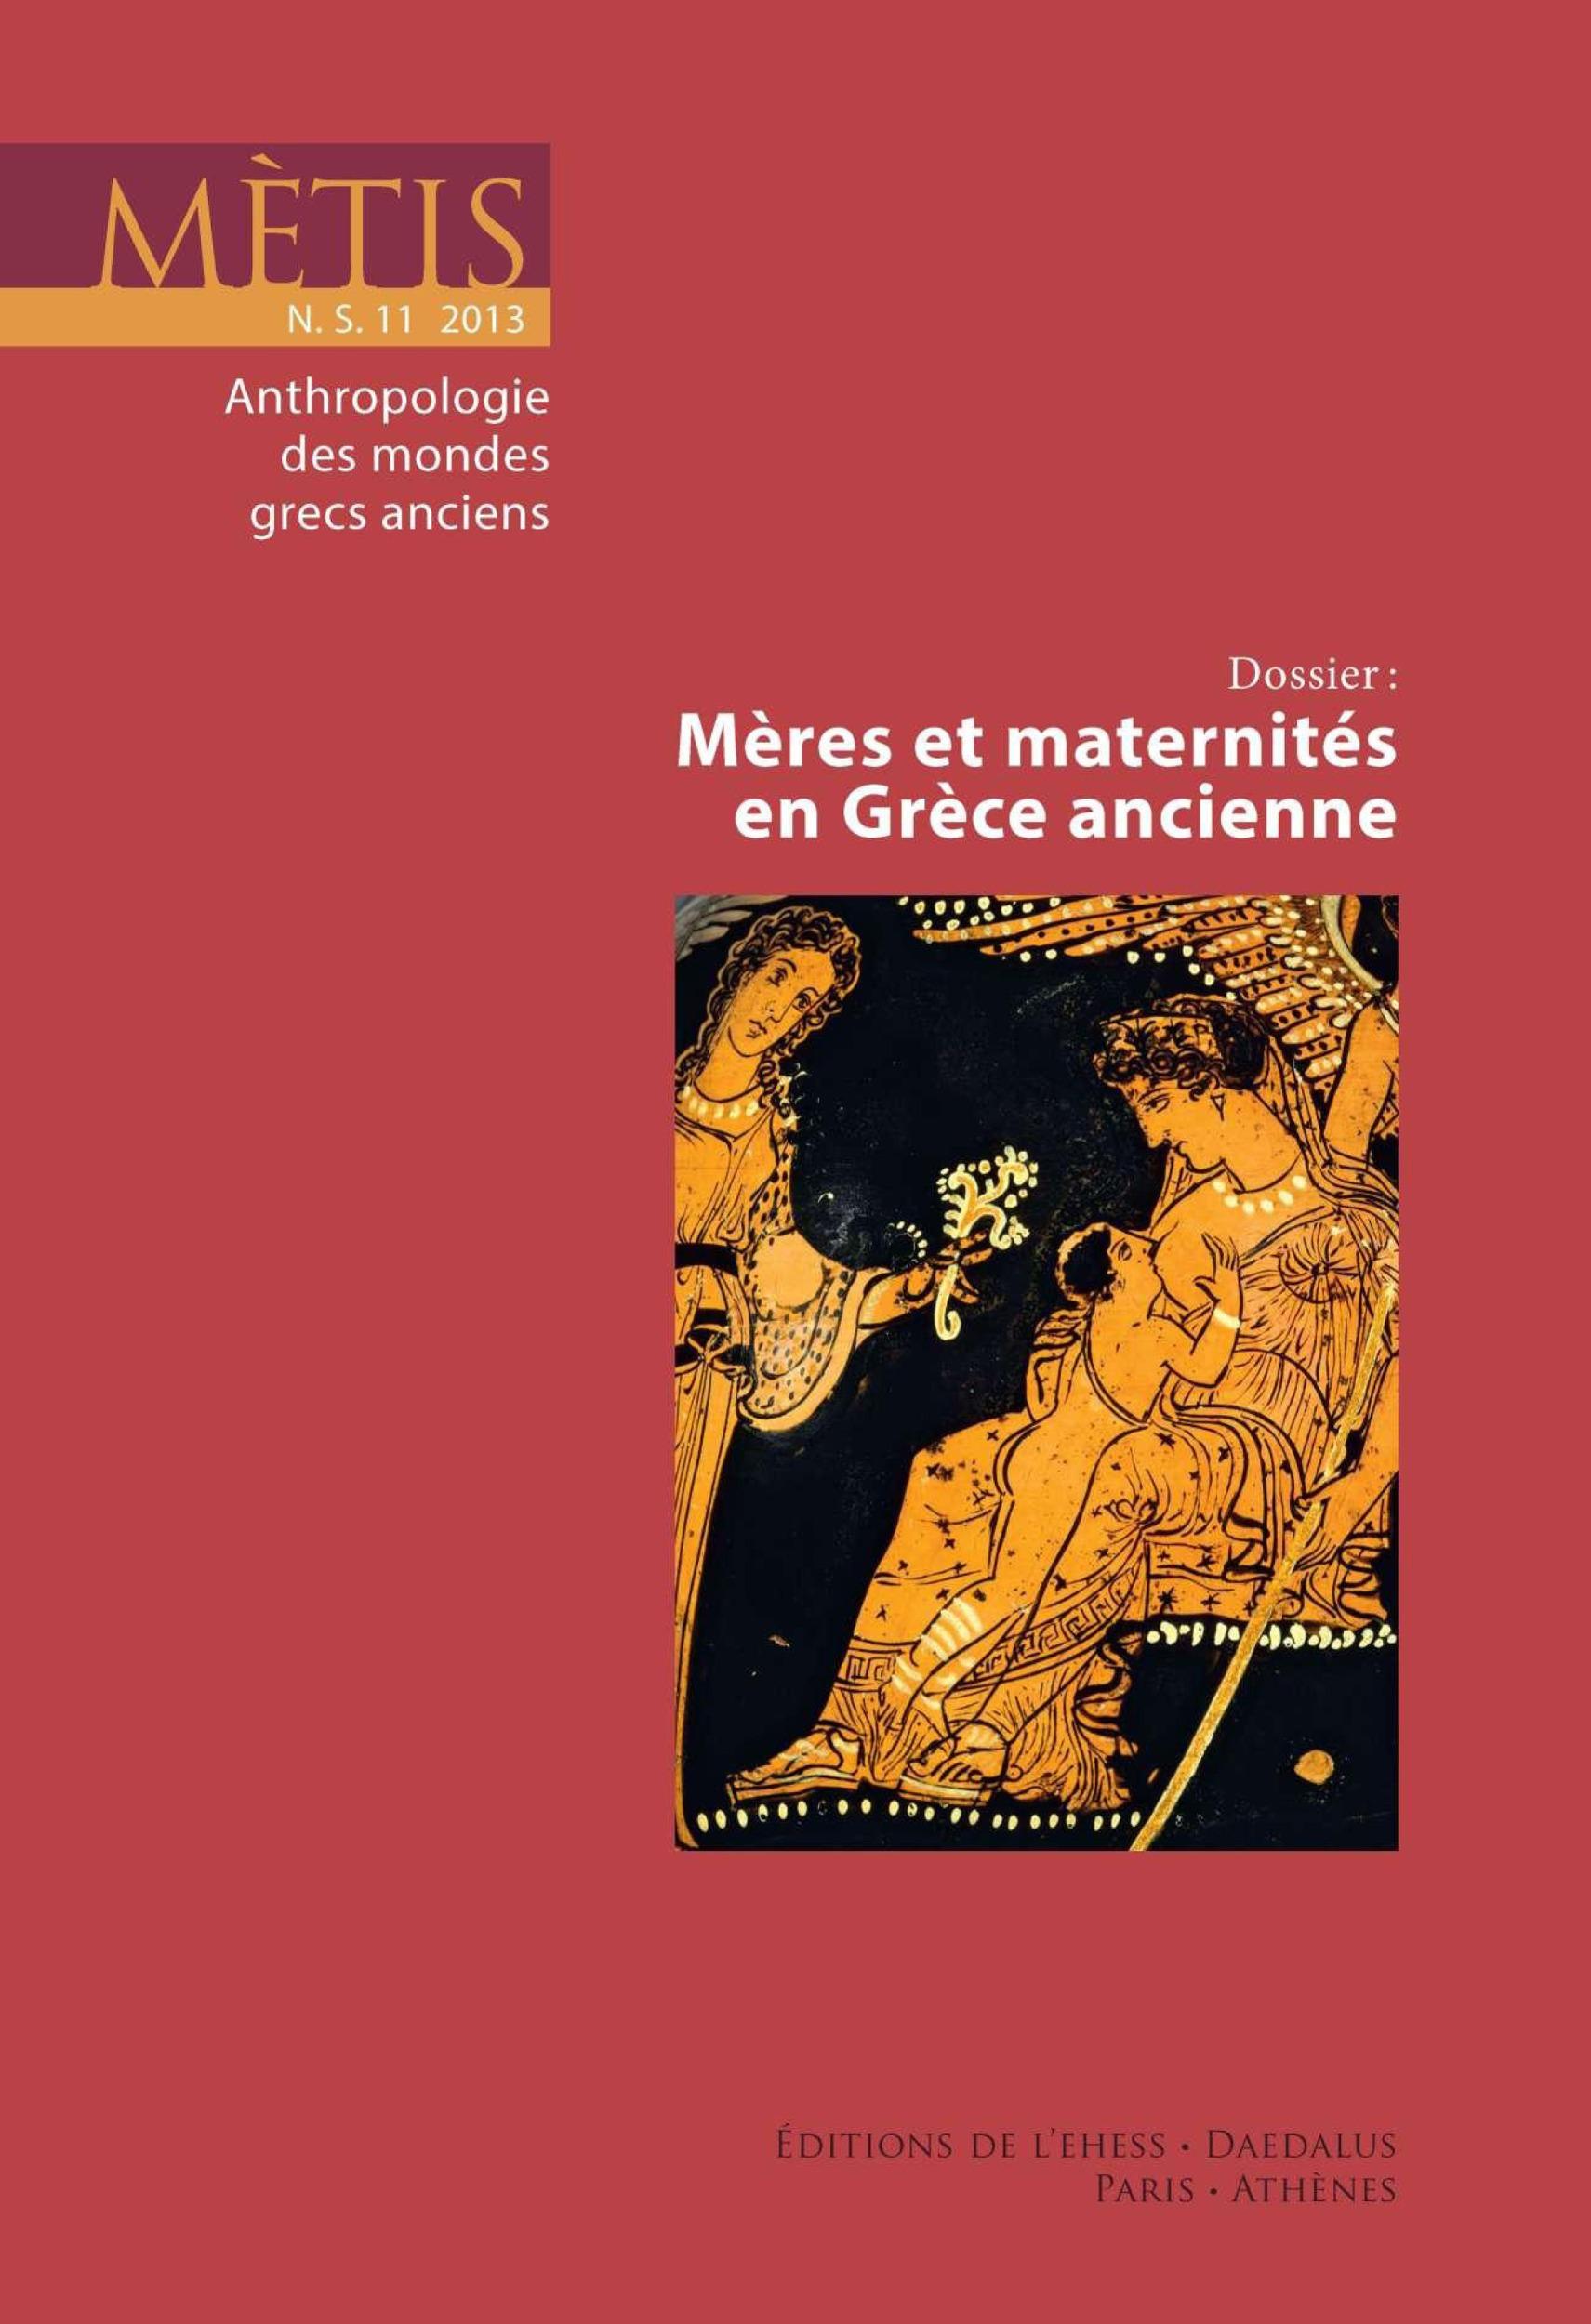 REVUE METIS ; mères et maternités en Grèce ancienne